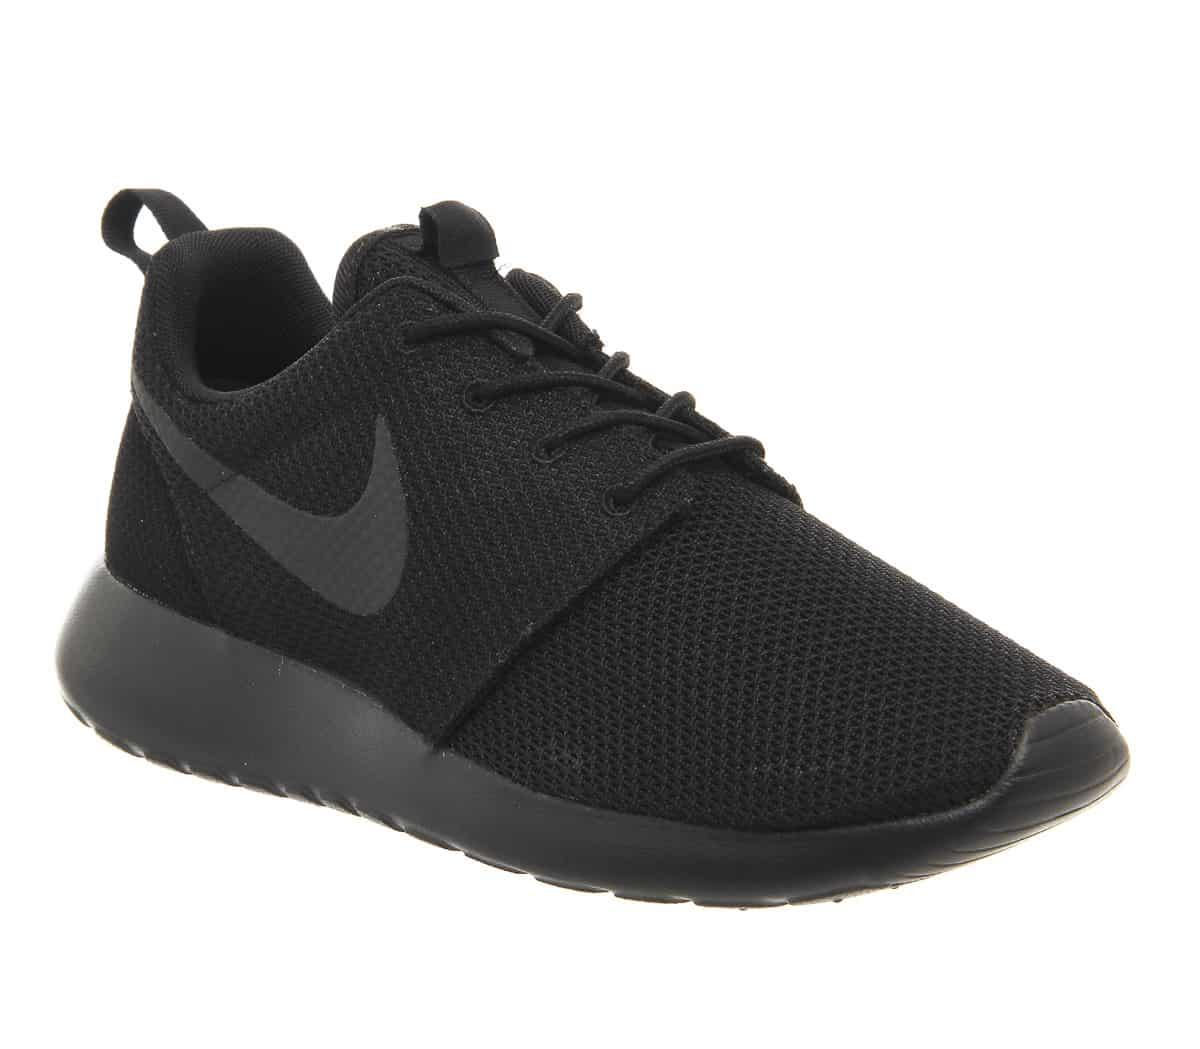 Nike Roshe One đảm bảo chất lượng hàng đầu